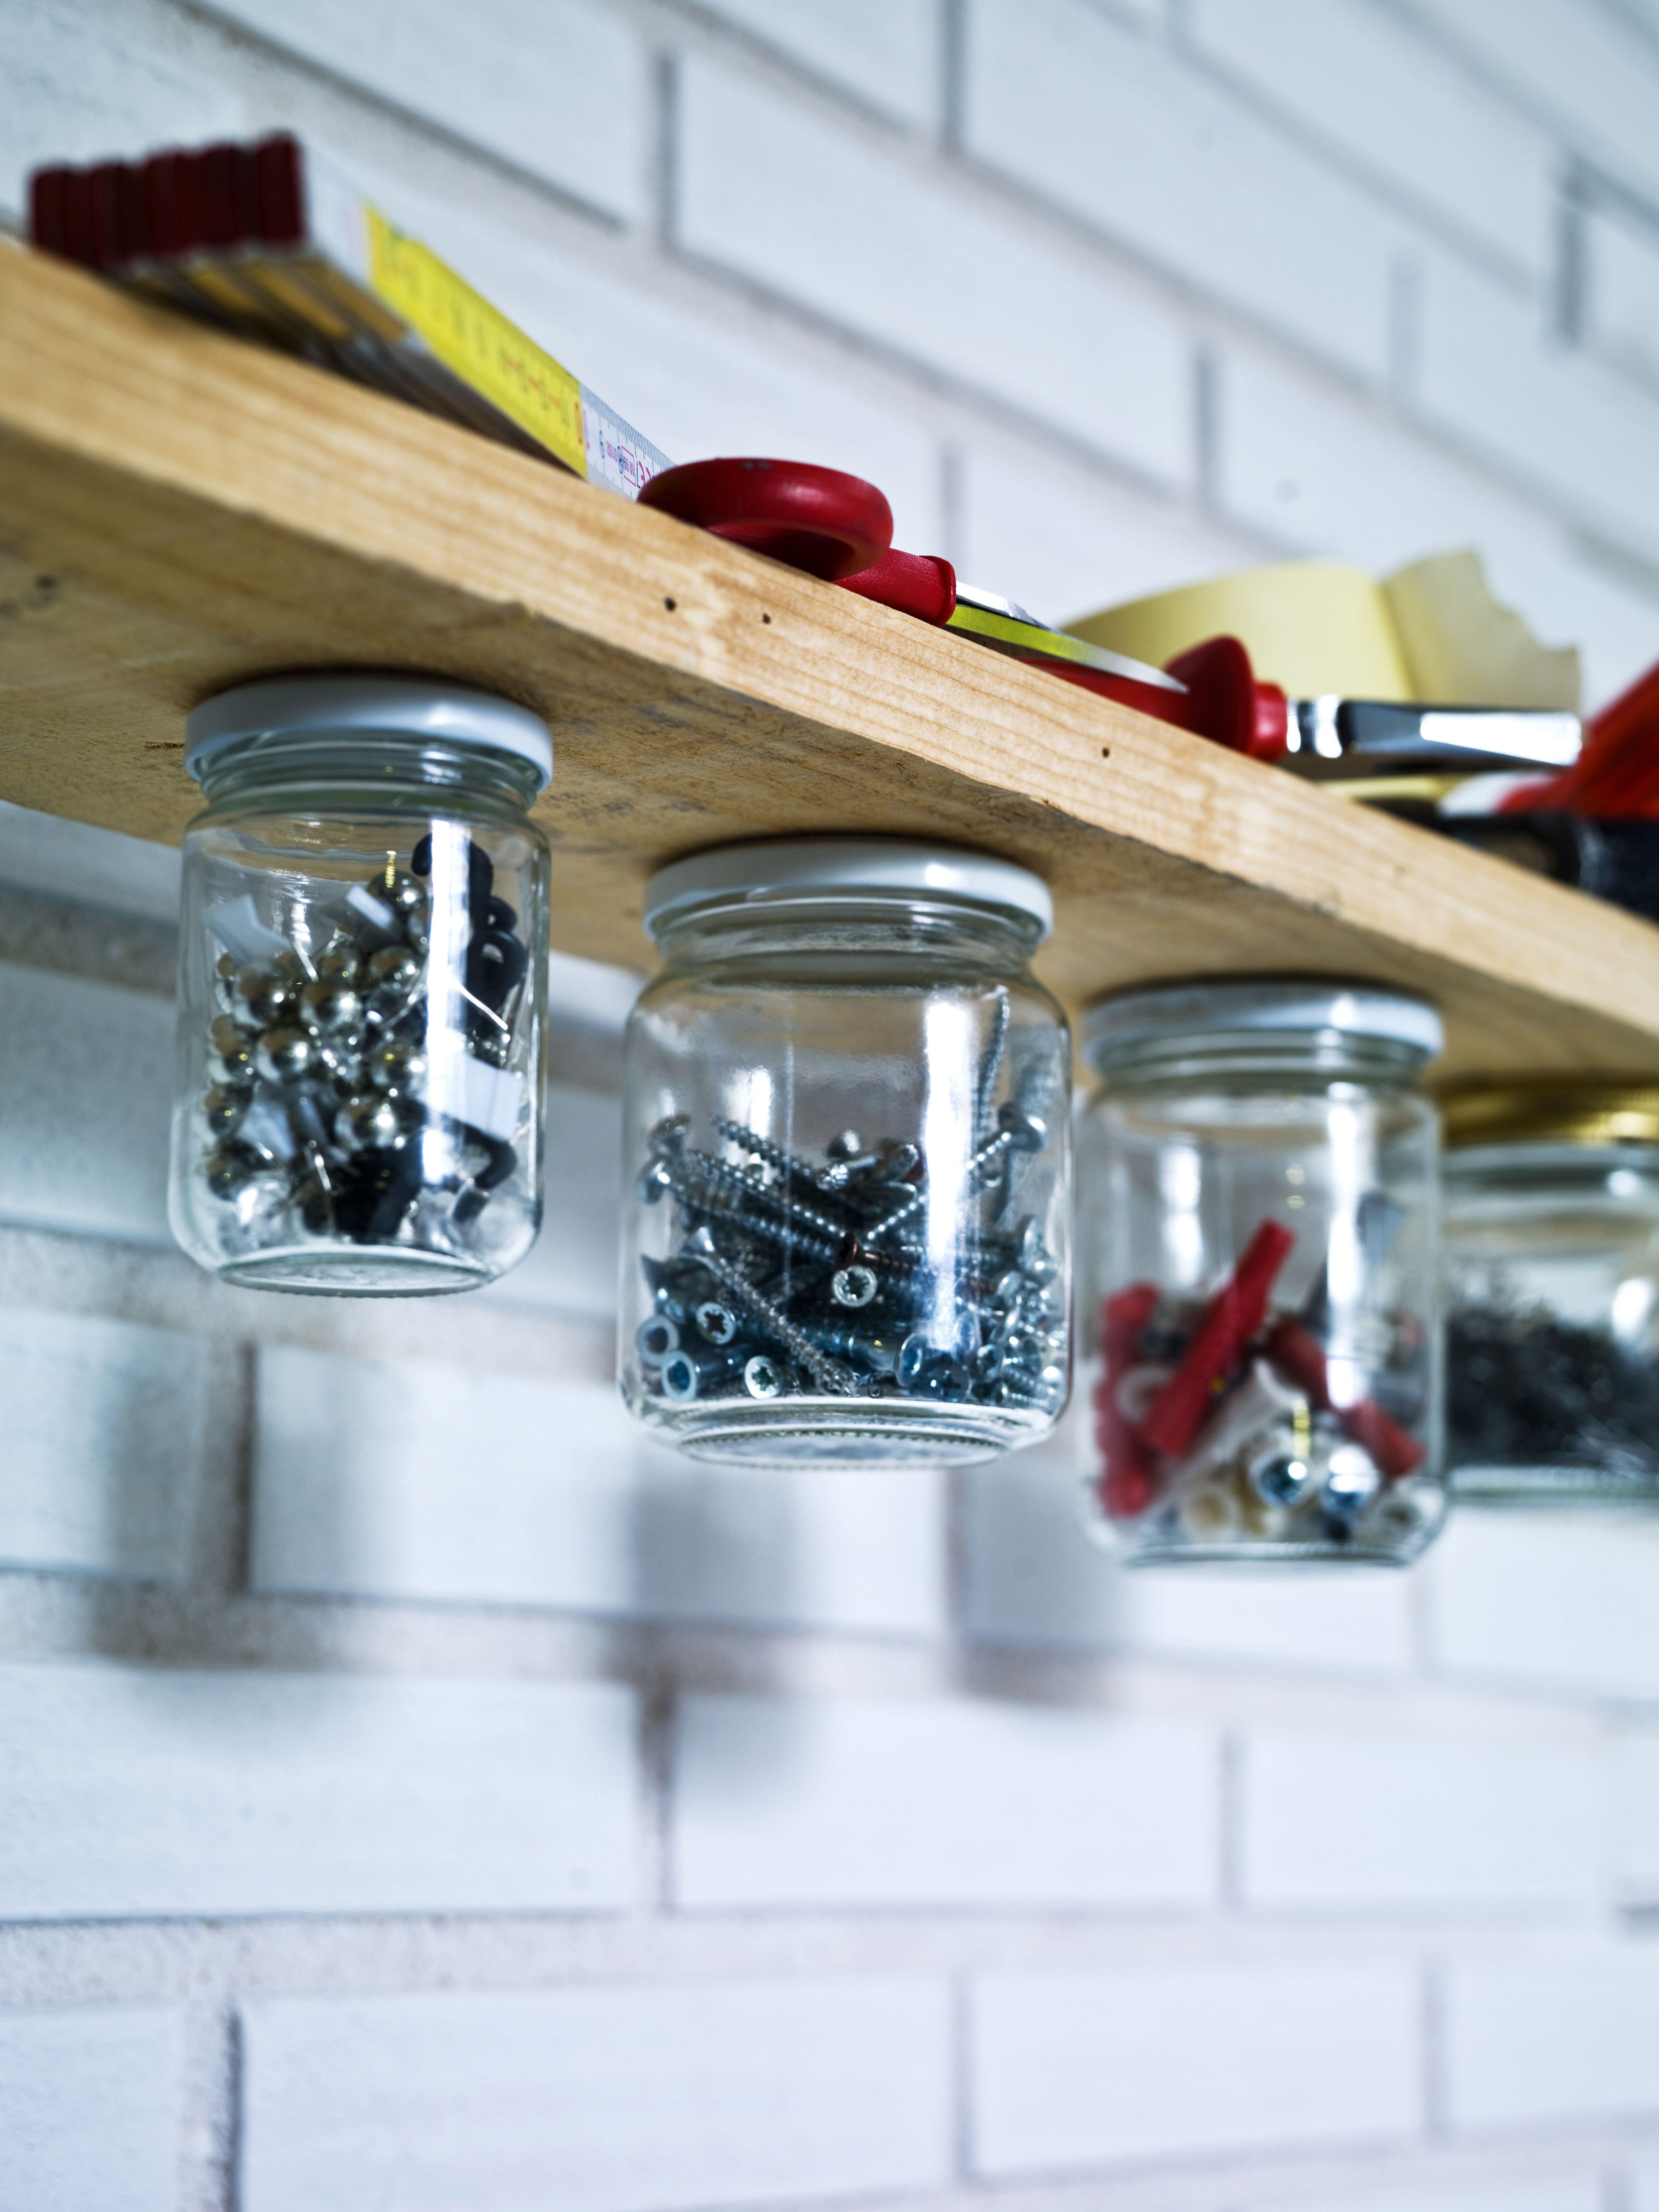 Idee Garage Fai Da Te 7 idee fai da te: come creare più spazio a casa   idee fai